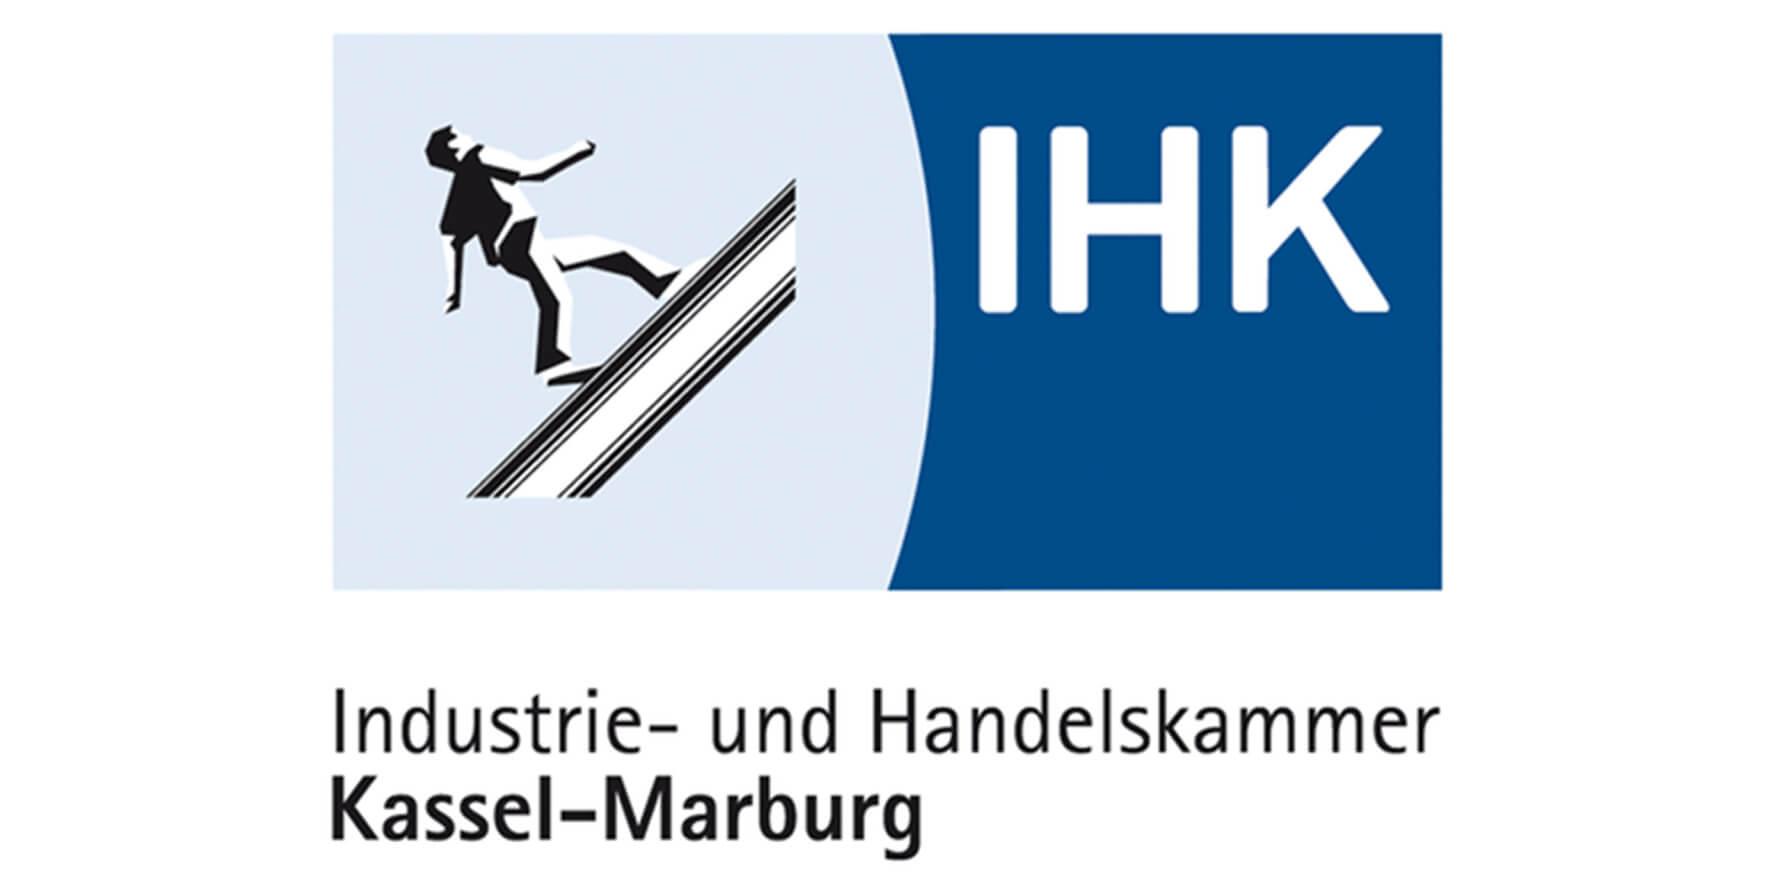 IHK Kassel-Marburg